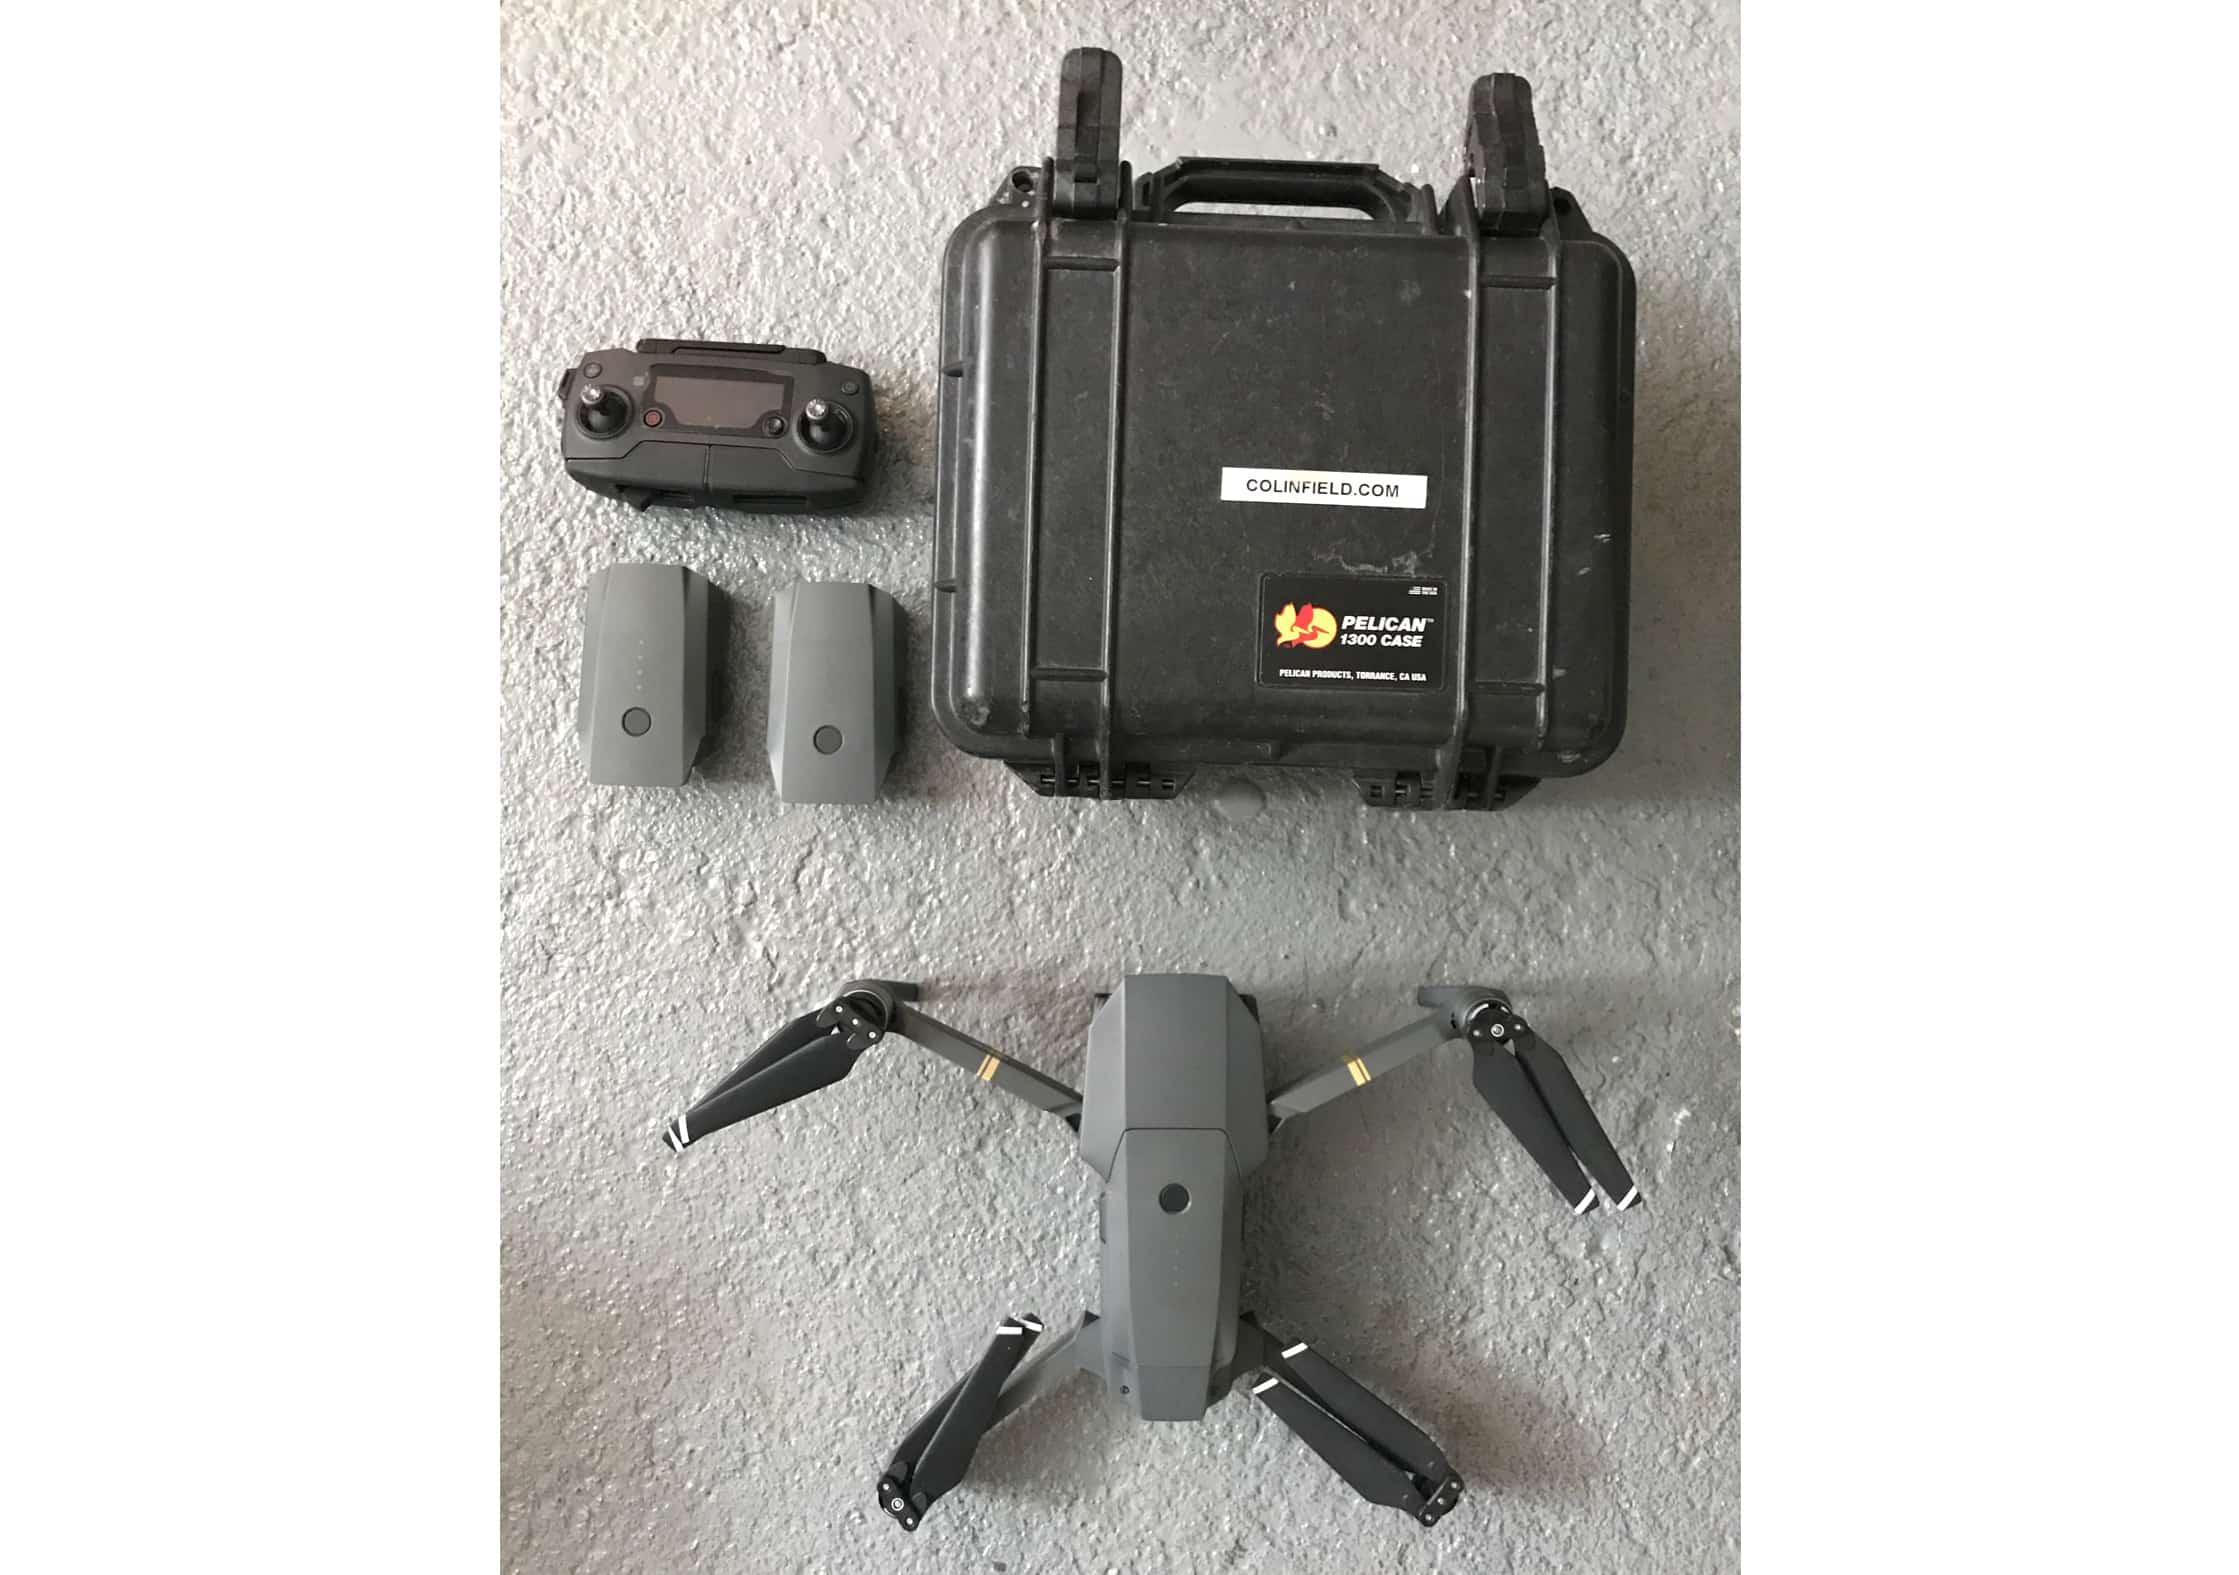 Colin Field's DJI Mavic Drone